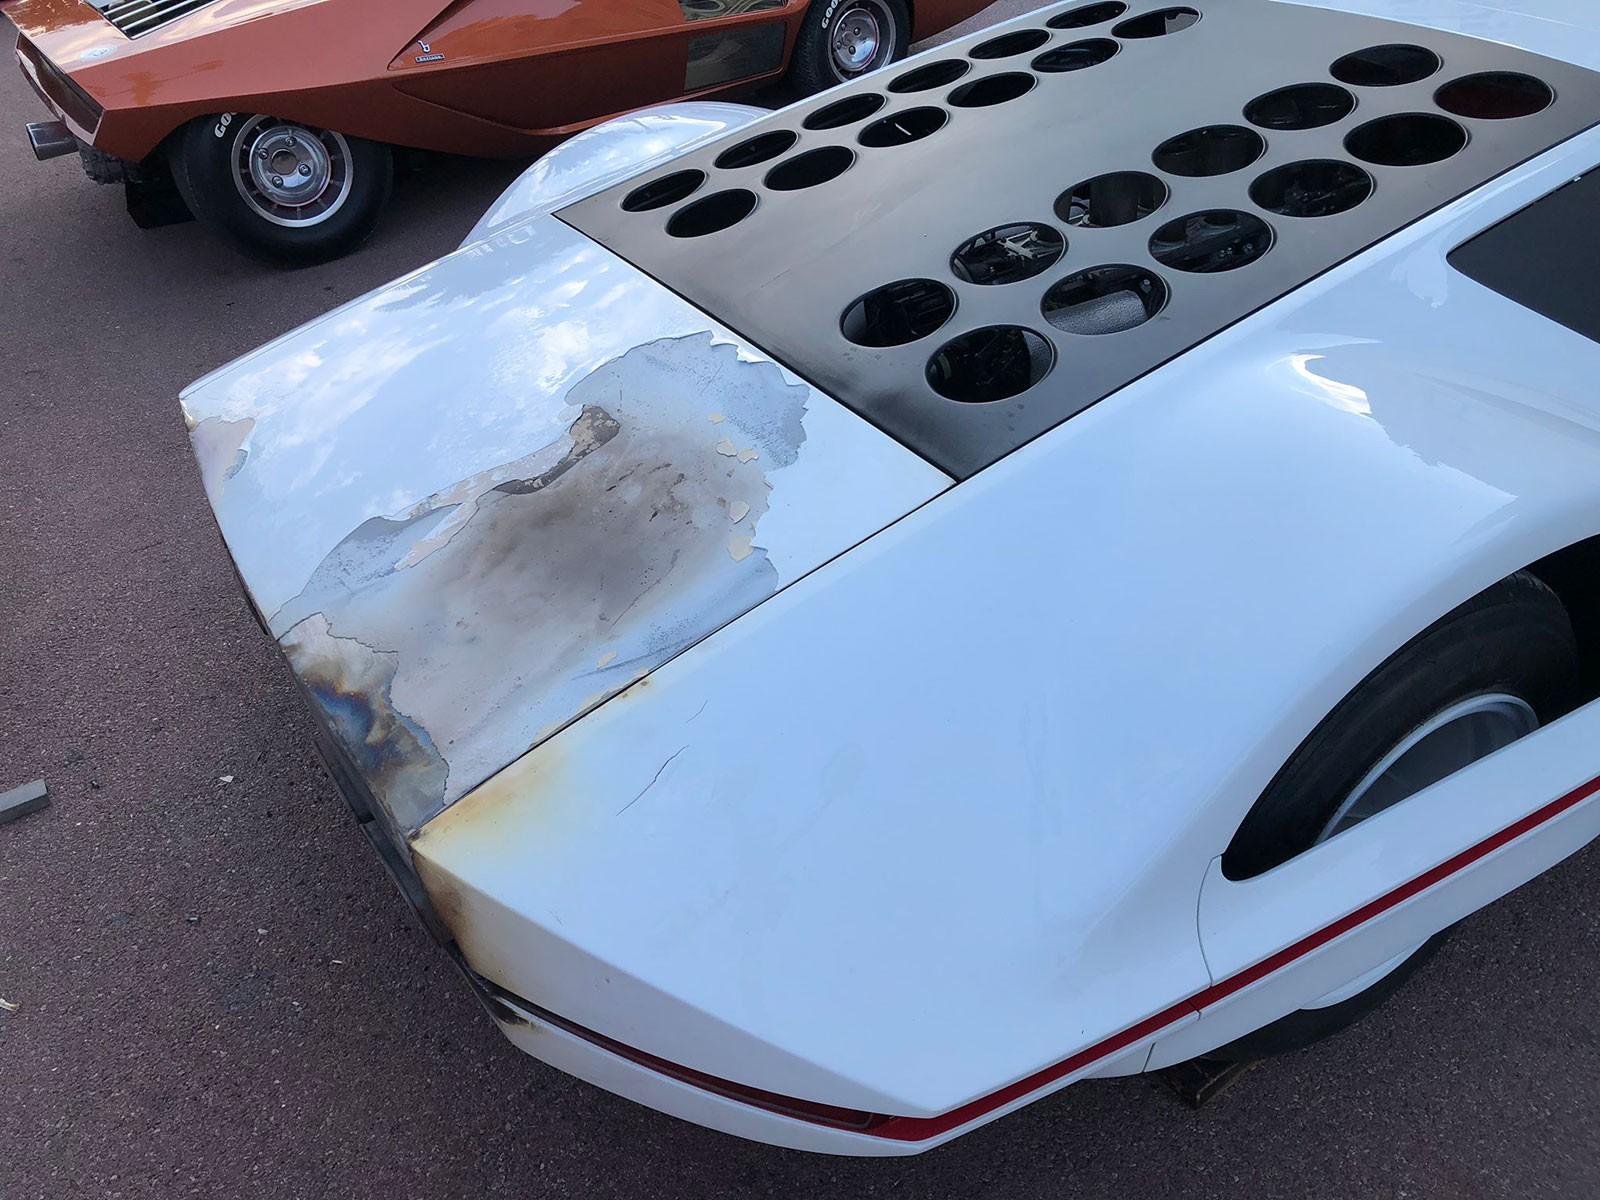 Chiếc siêu xe concept độc nhất vô nhị không bị hỏng đáng kể sau vụ cháy